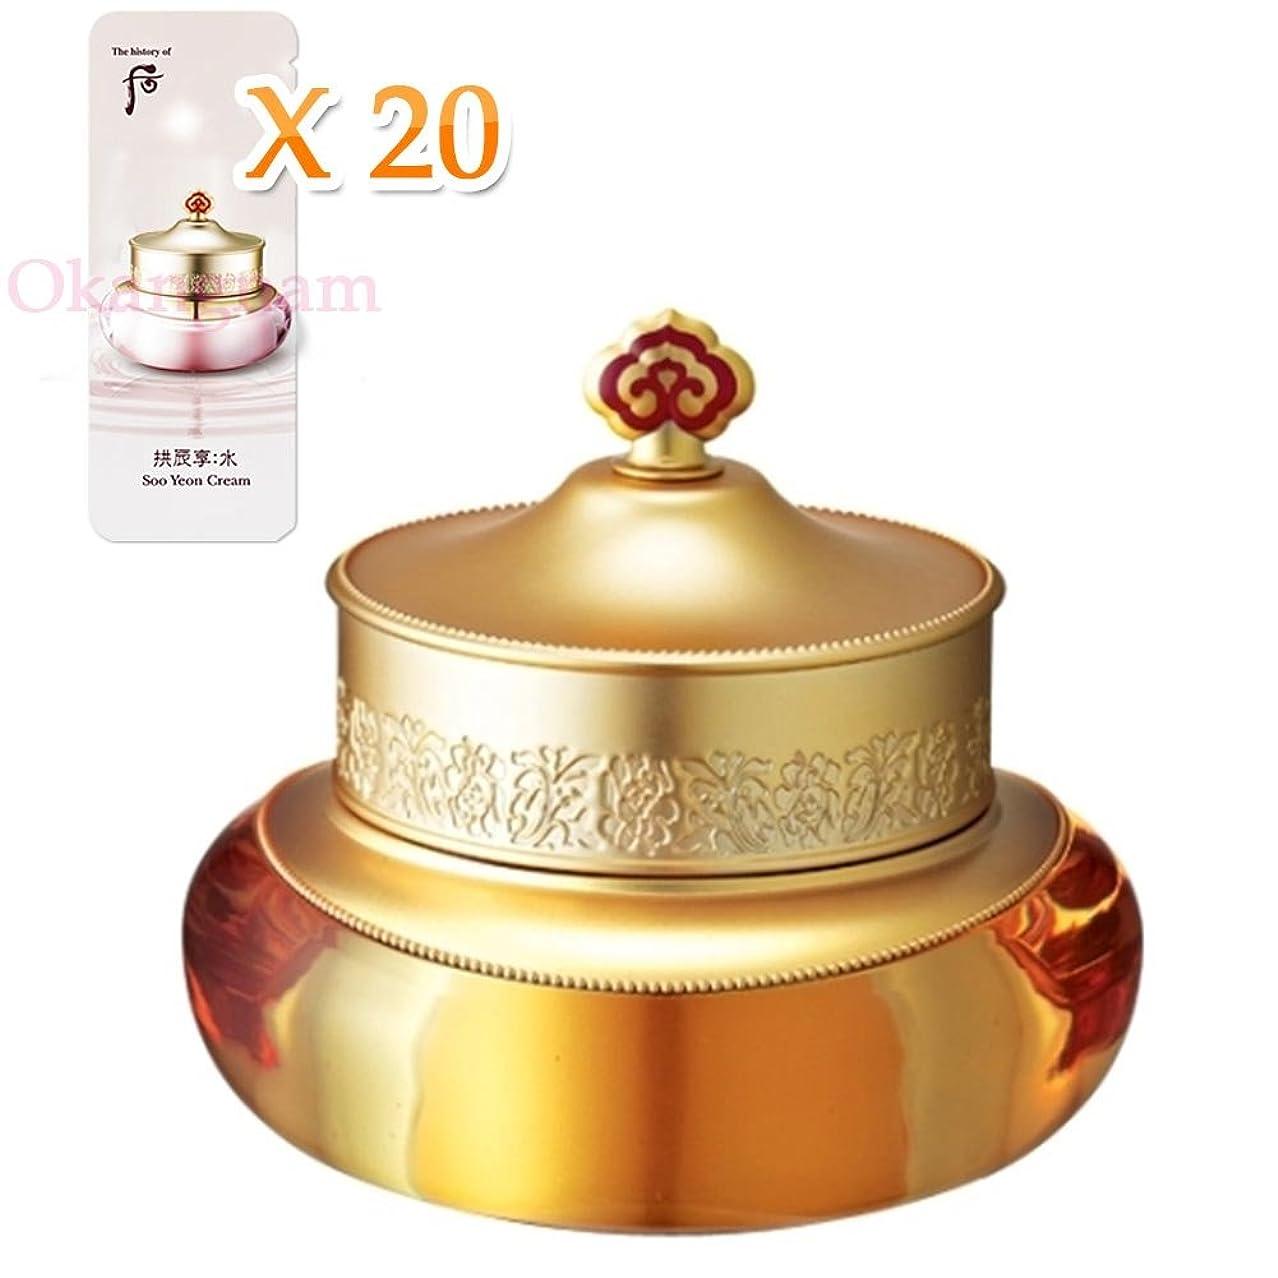 コンペ狂乱蓄積する【フー/The history of whoo] Whoo 后 KGH06 Qi & Jin Cream/后(フー) ゴンジンヒャン キエンジンクリーム 50ml + [Sample Gift](海外直送品)